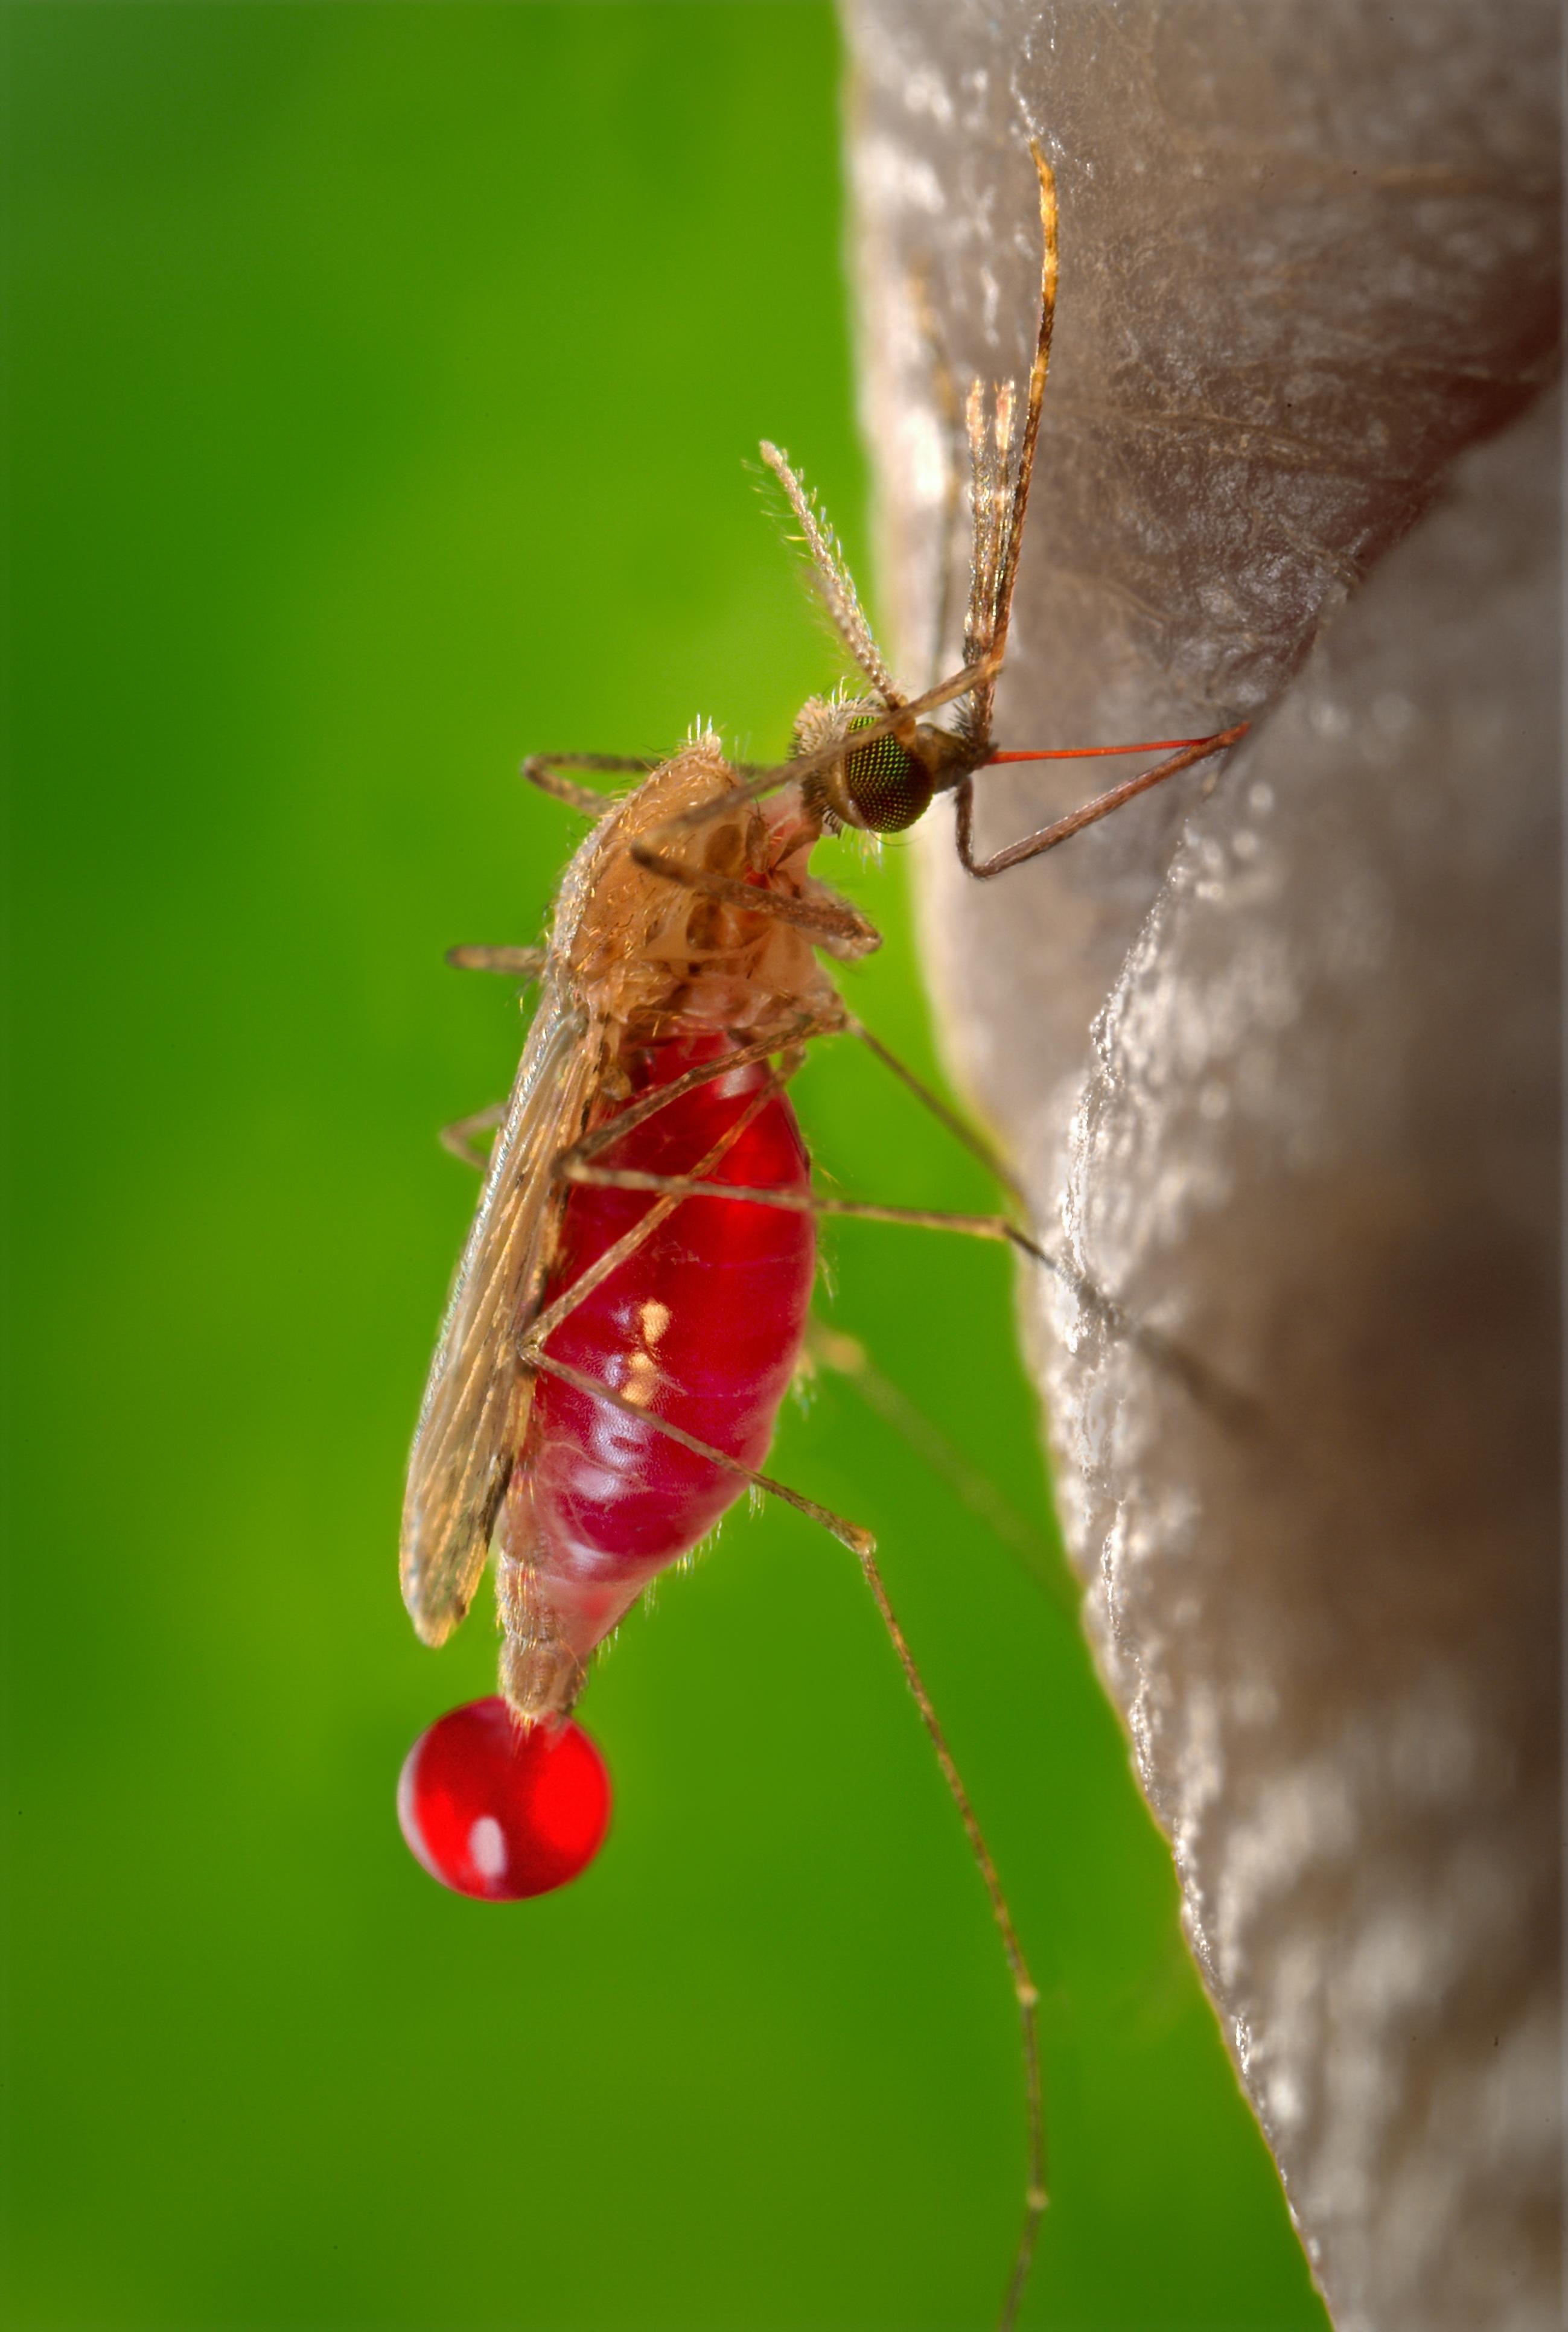 Mosquito closeup photo